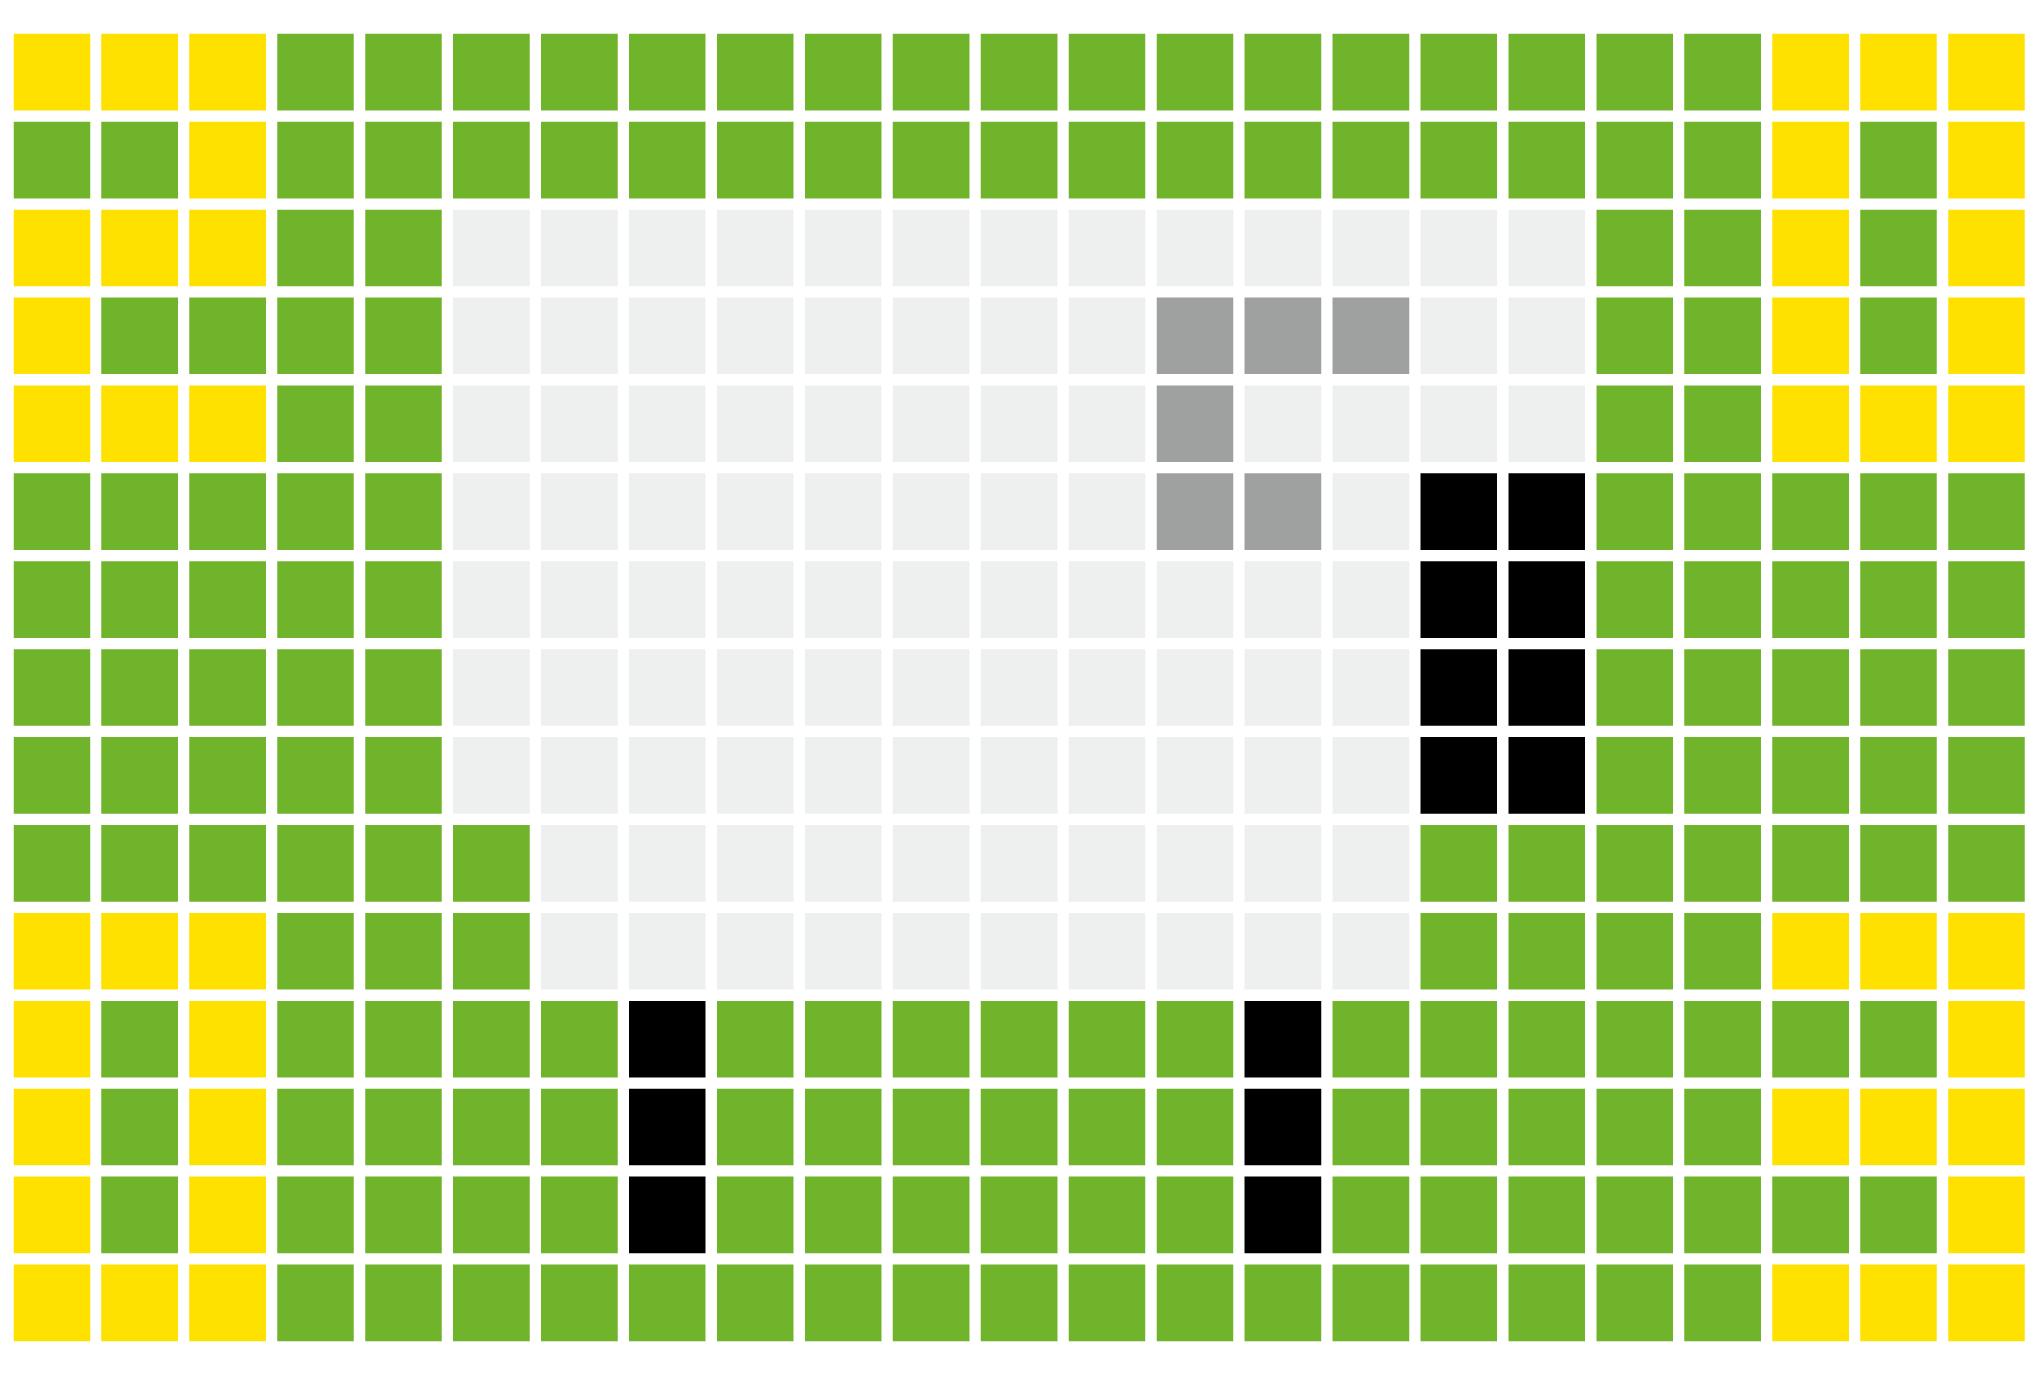 2003年賀状17:Sheep grid 2003のダウンロード画像